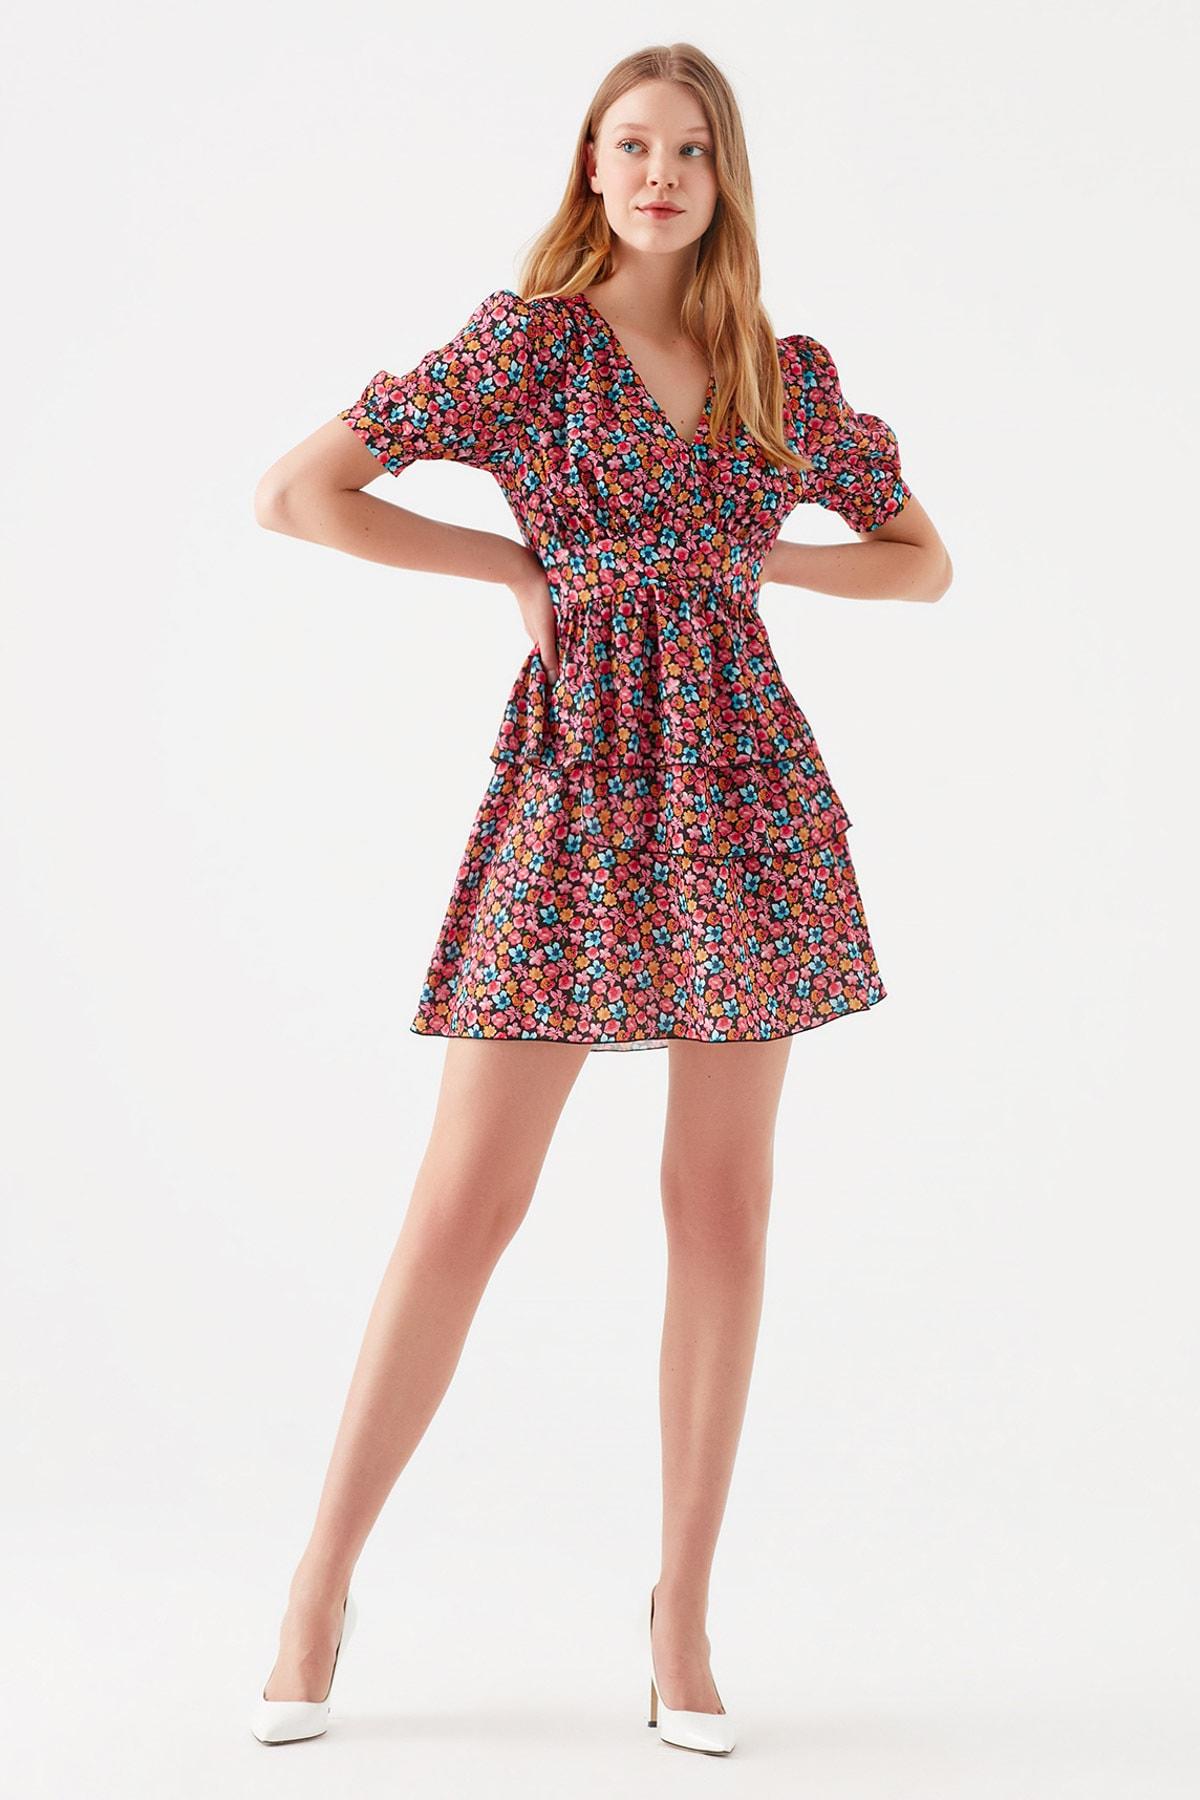 Mavi Kadın Çiçek Baskılı Pembe Mini Elbise 131134-35273